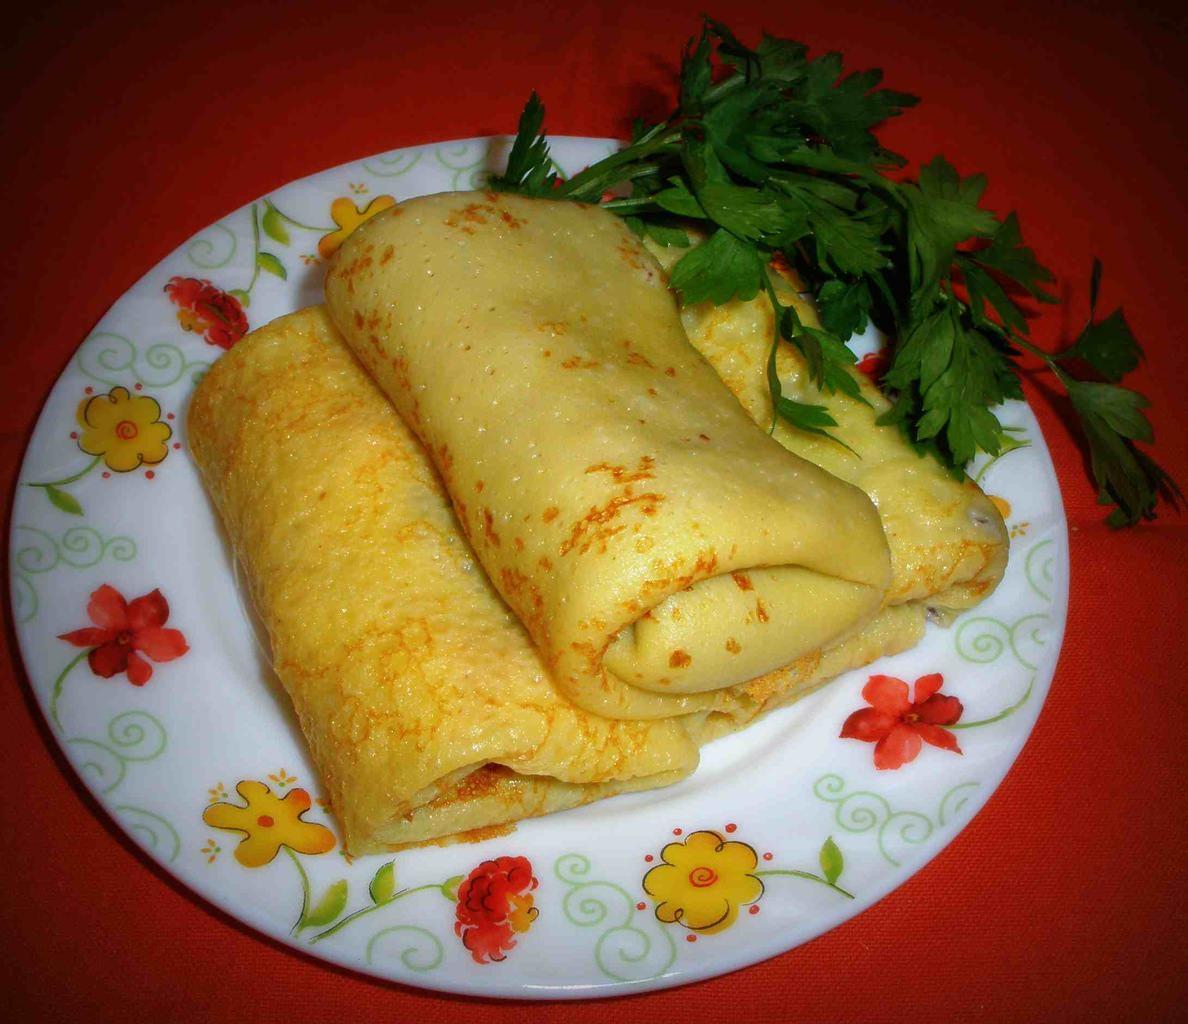 Начинка из зеленого лука и яиц сделает такие блины очень вкусными и ароматными